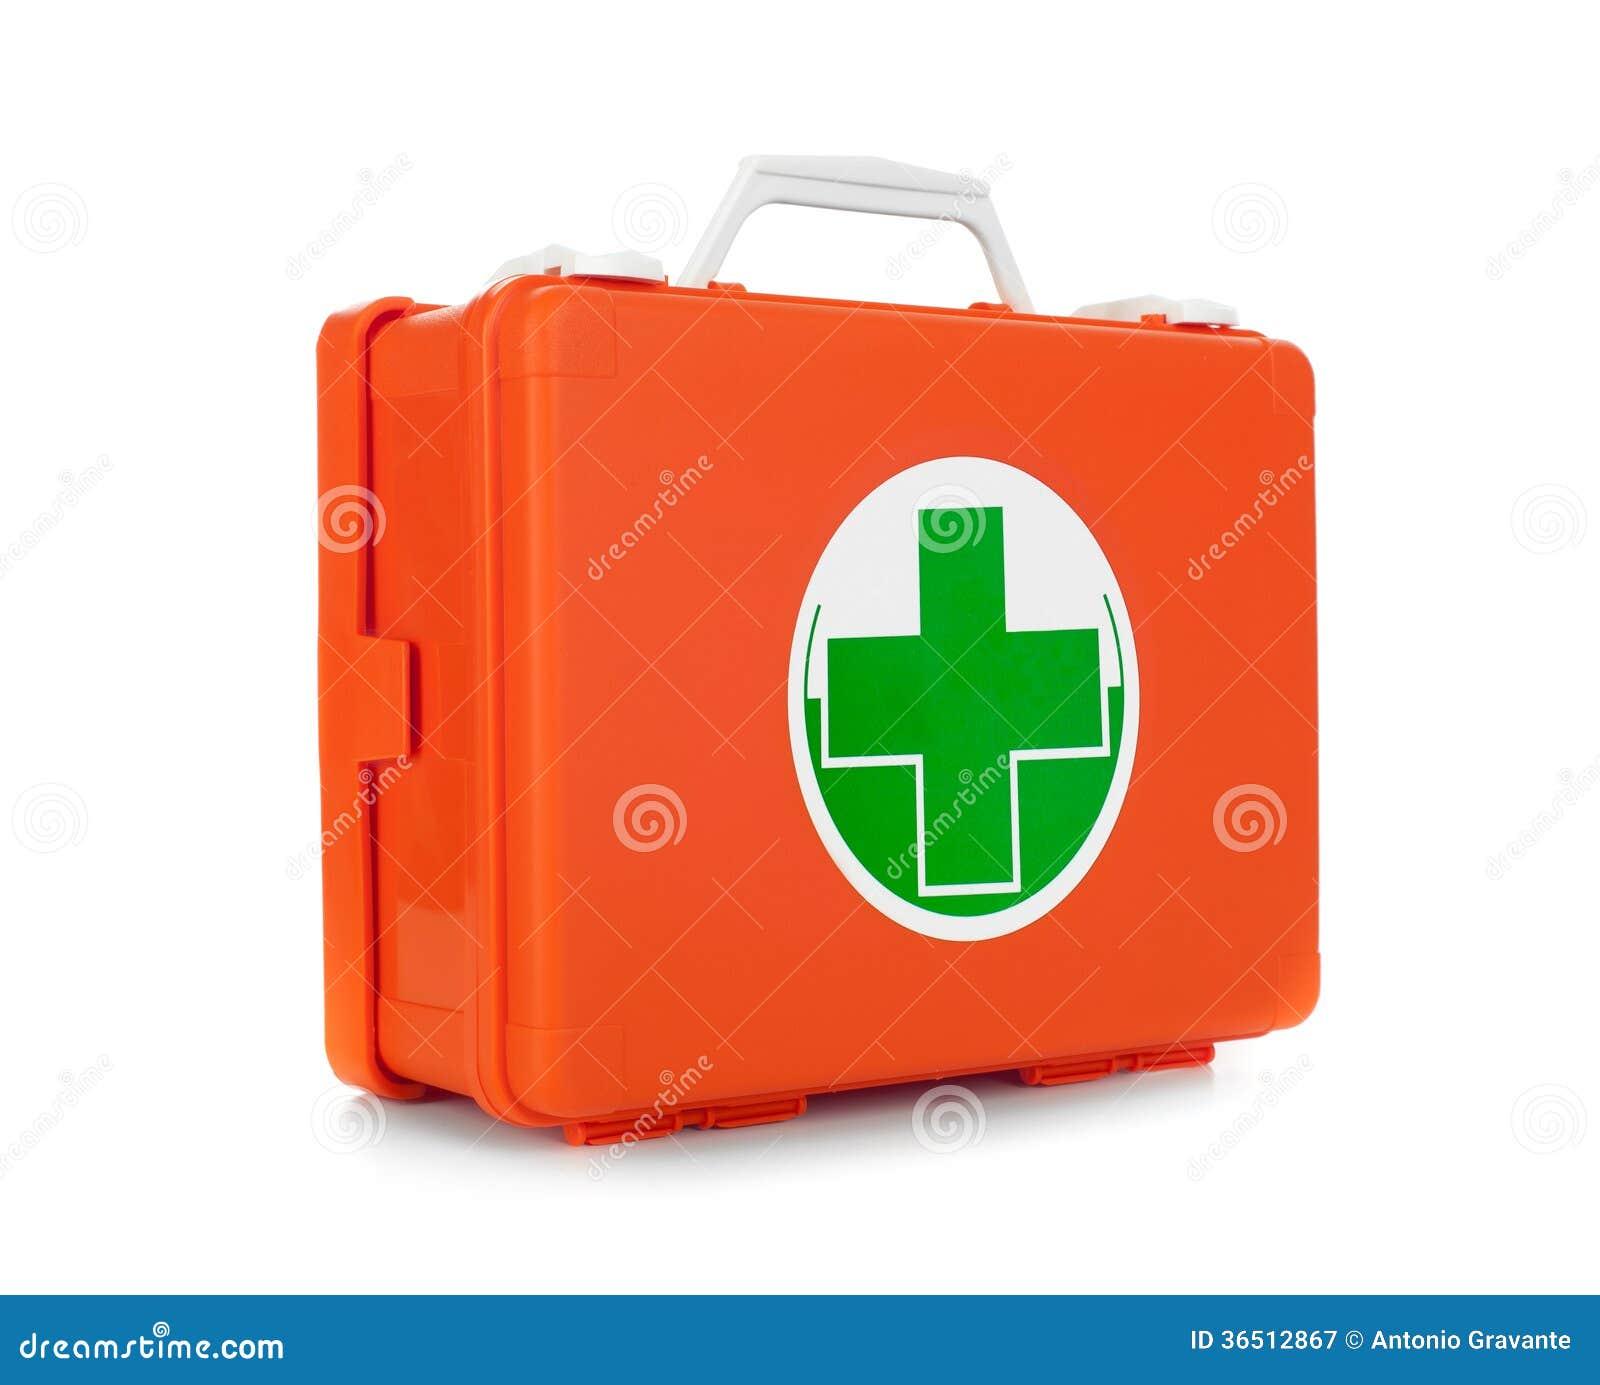 Kit de premiers secours